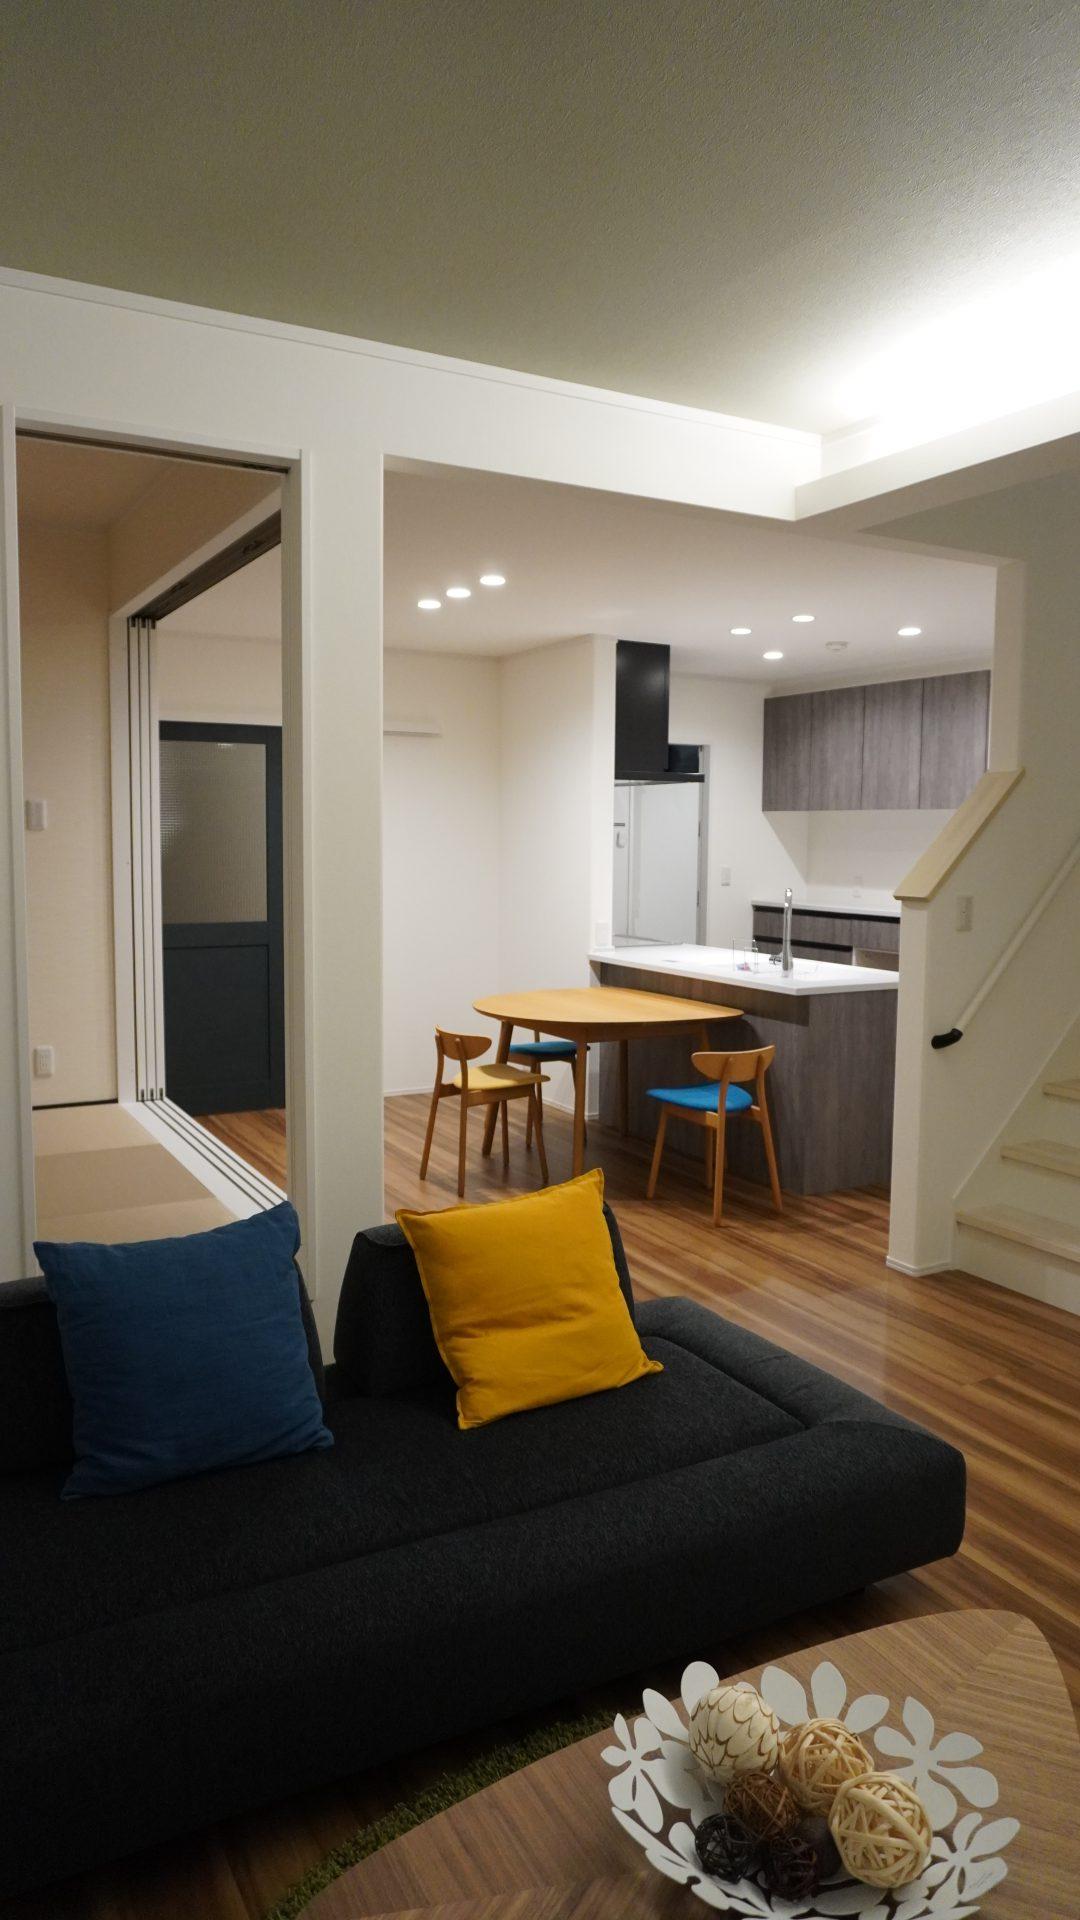 【山形県山形市】新築一戸建て実例写真 リビングから見るキッチンと和室